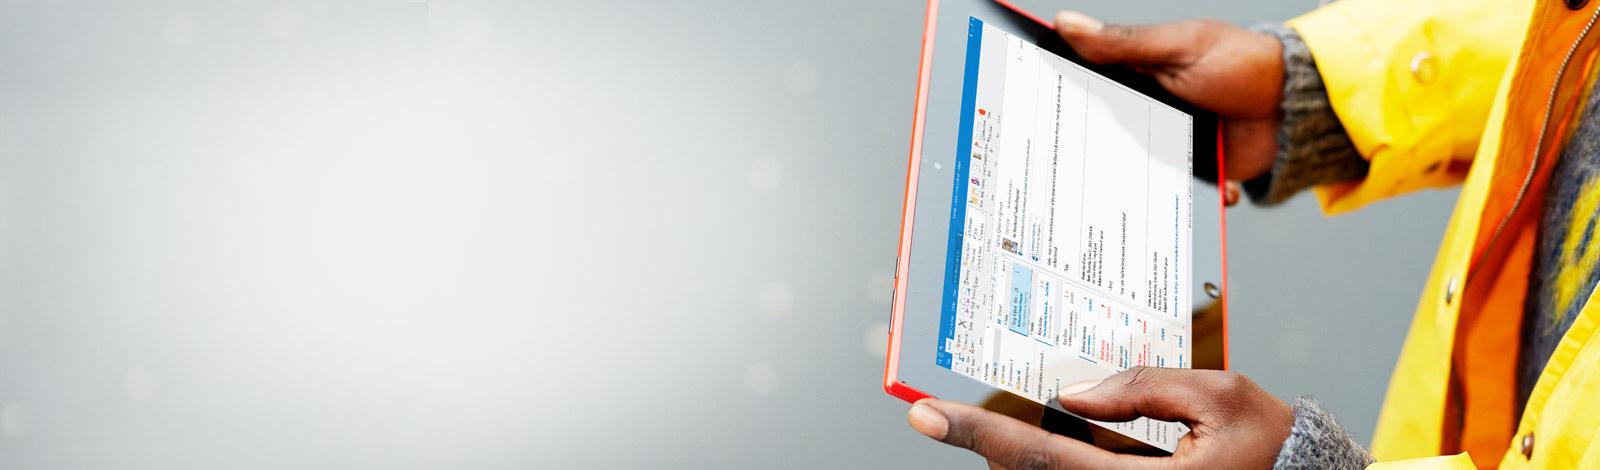 Un hombre sostiene una tableta con las manos. Con Office 365 puede trabajar desde cualquier lugar.